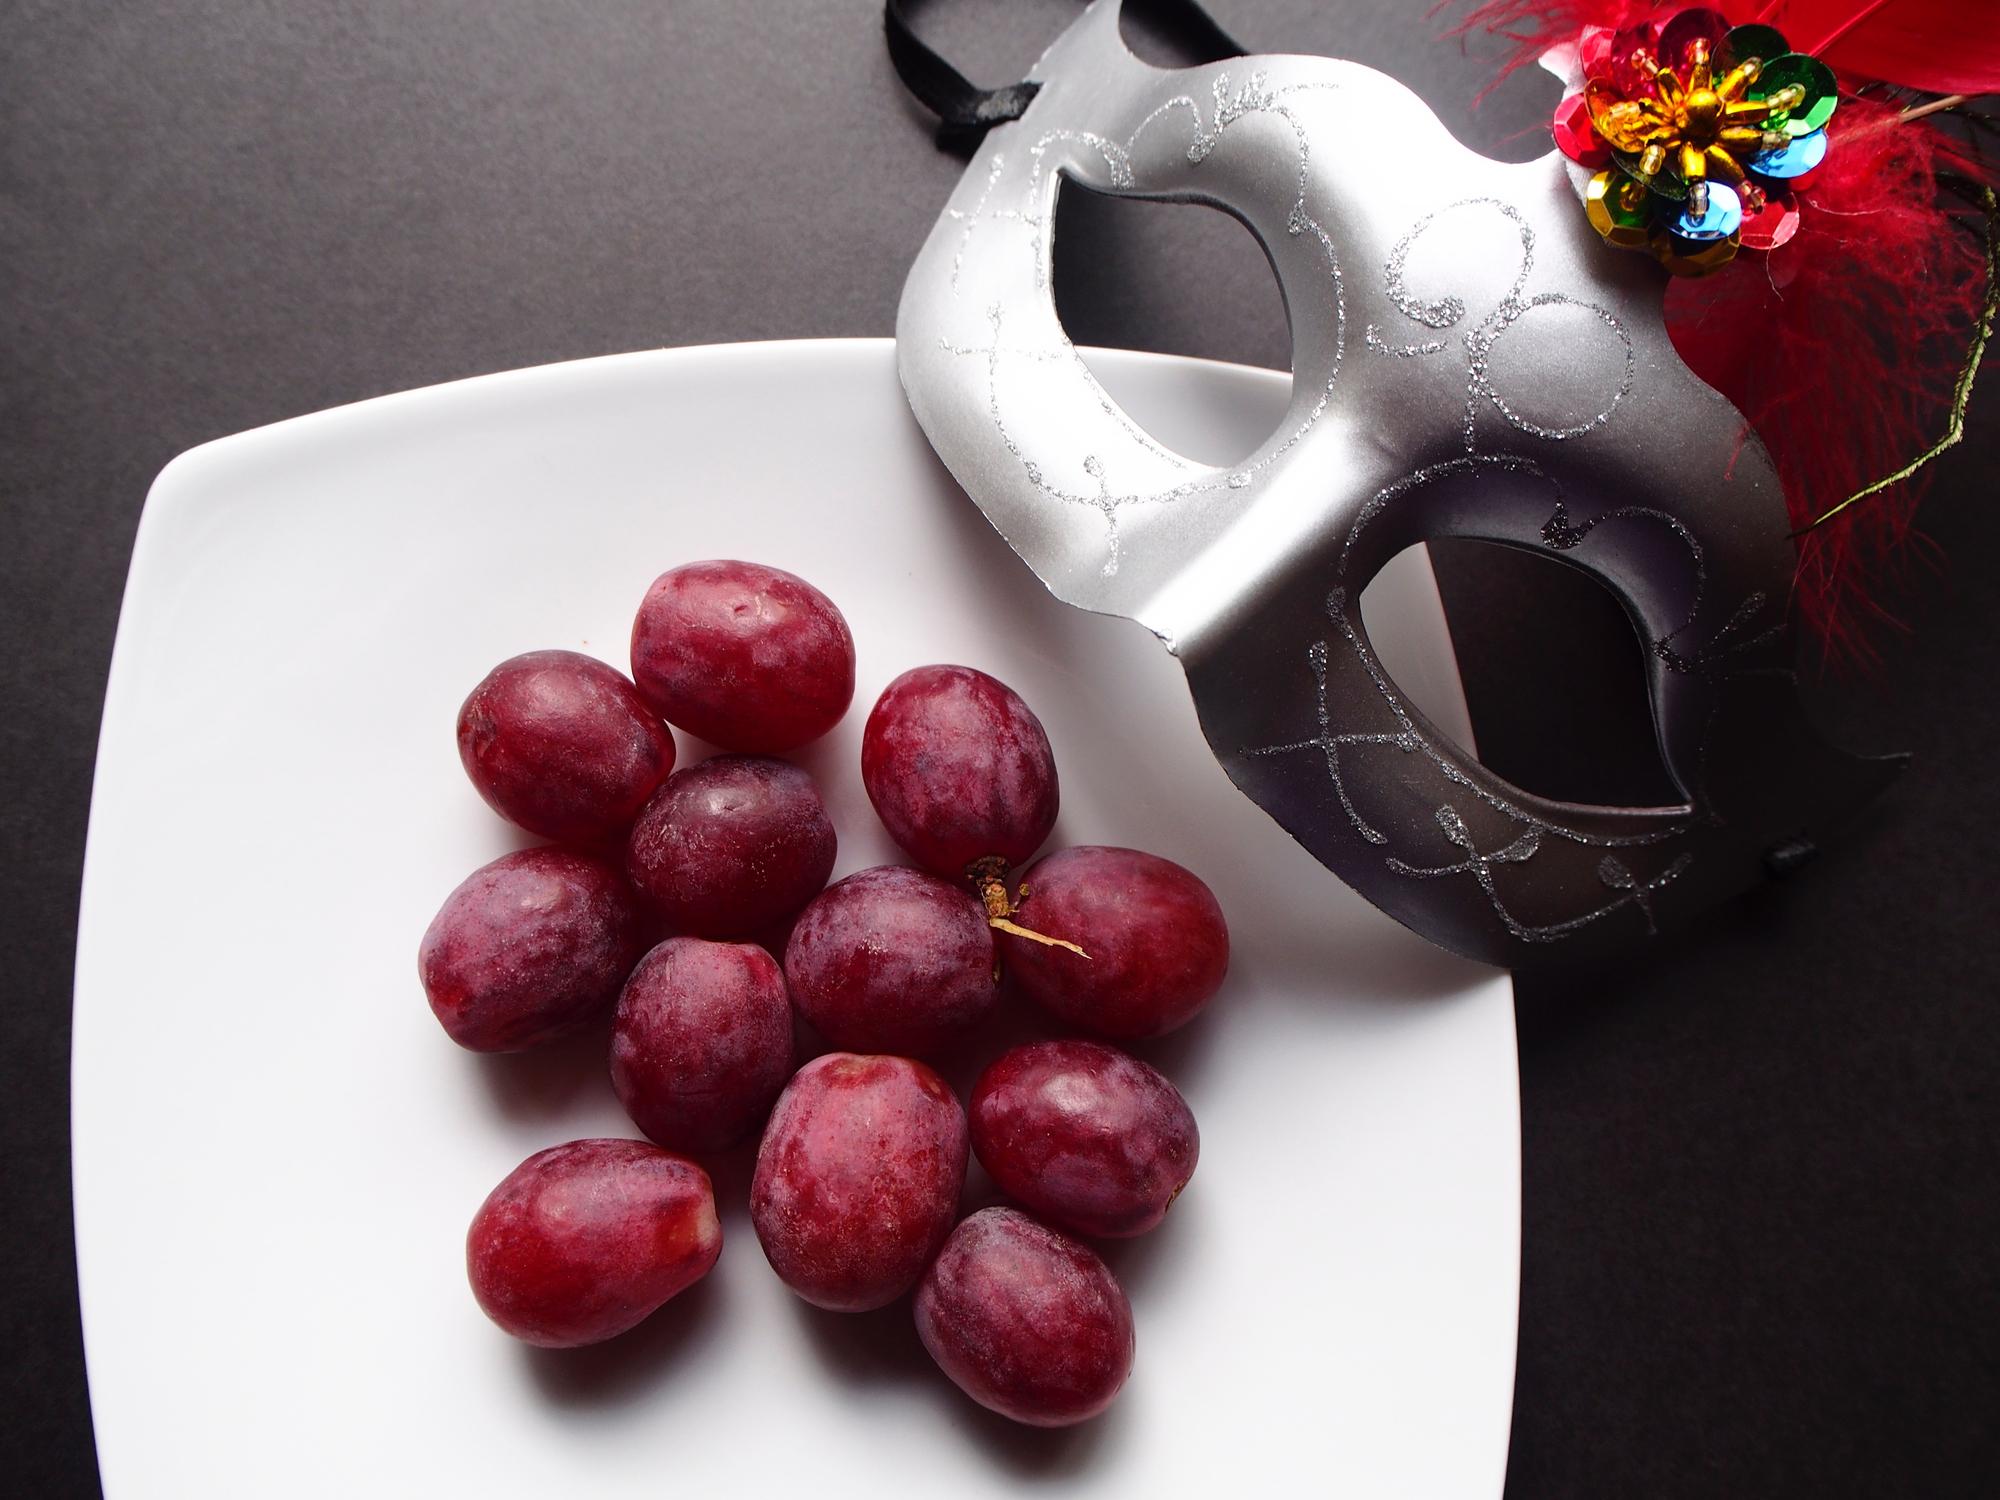 Una costumbre proveniente de España, se trata de comer 12 uvas, una por campanada, al cantar el reloj la medianoche.